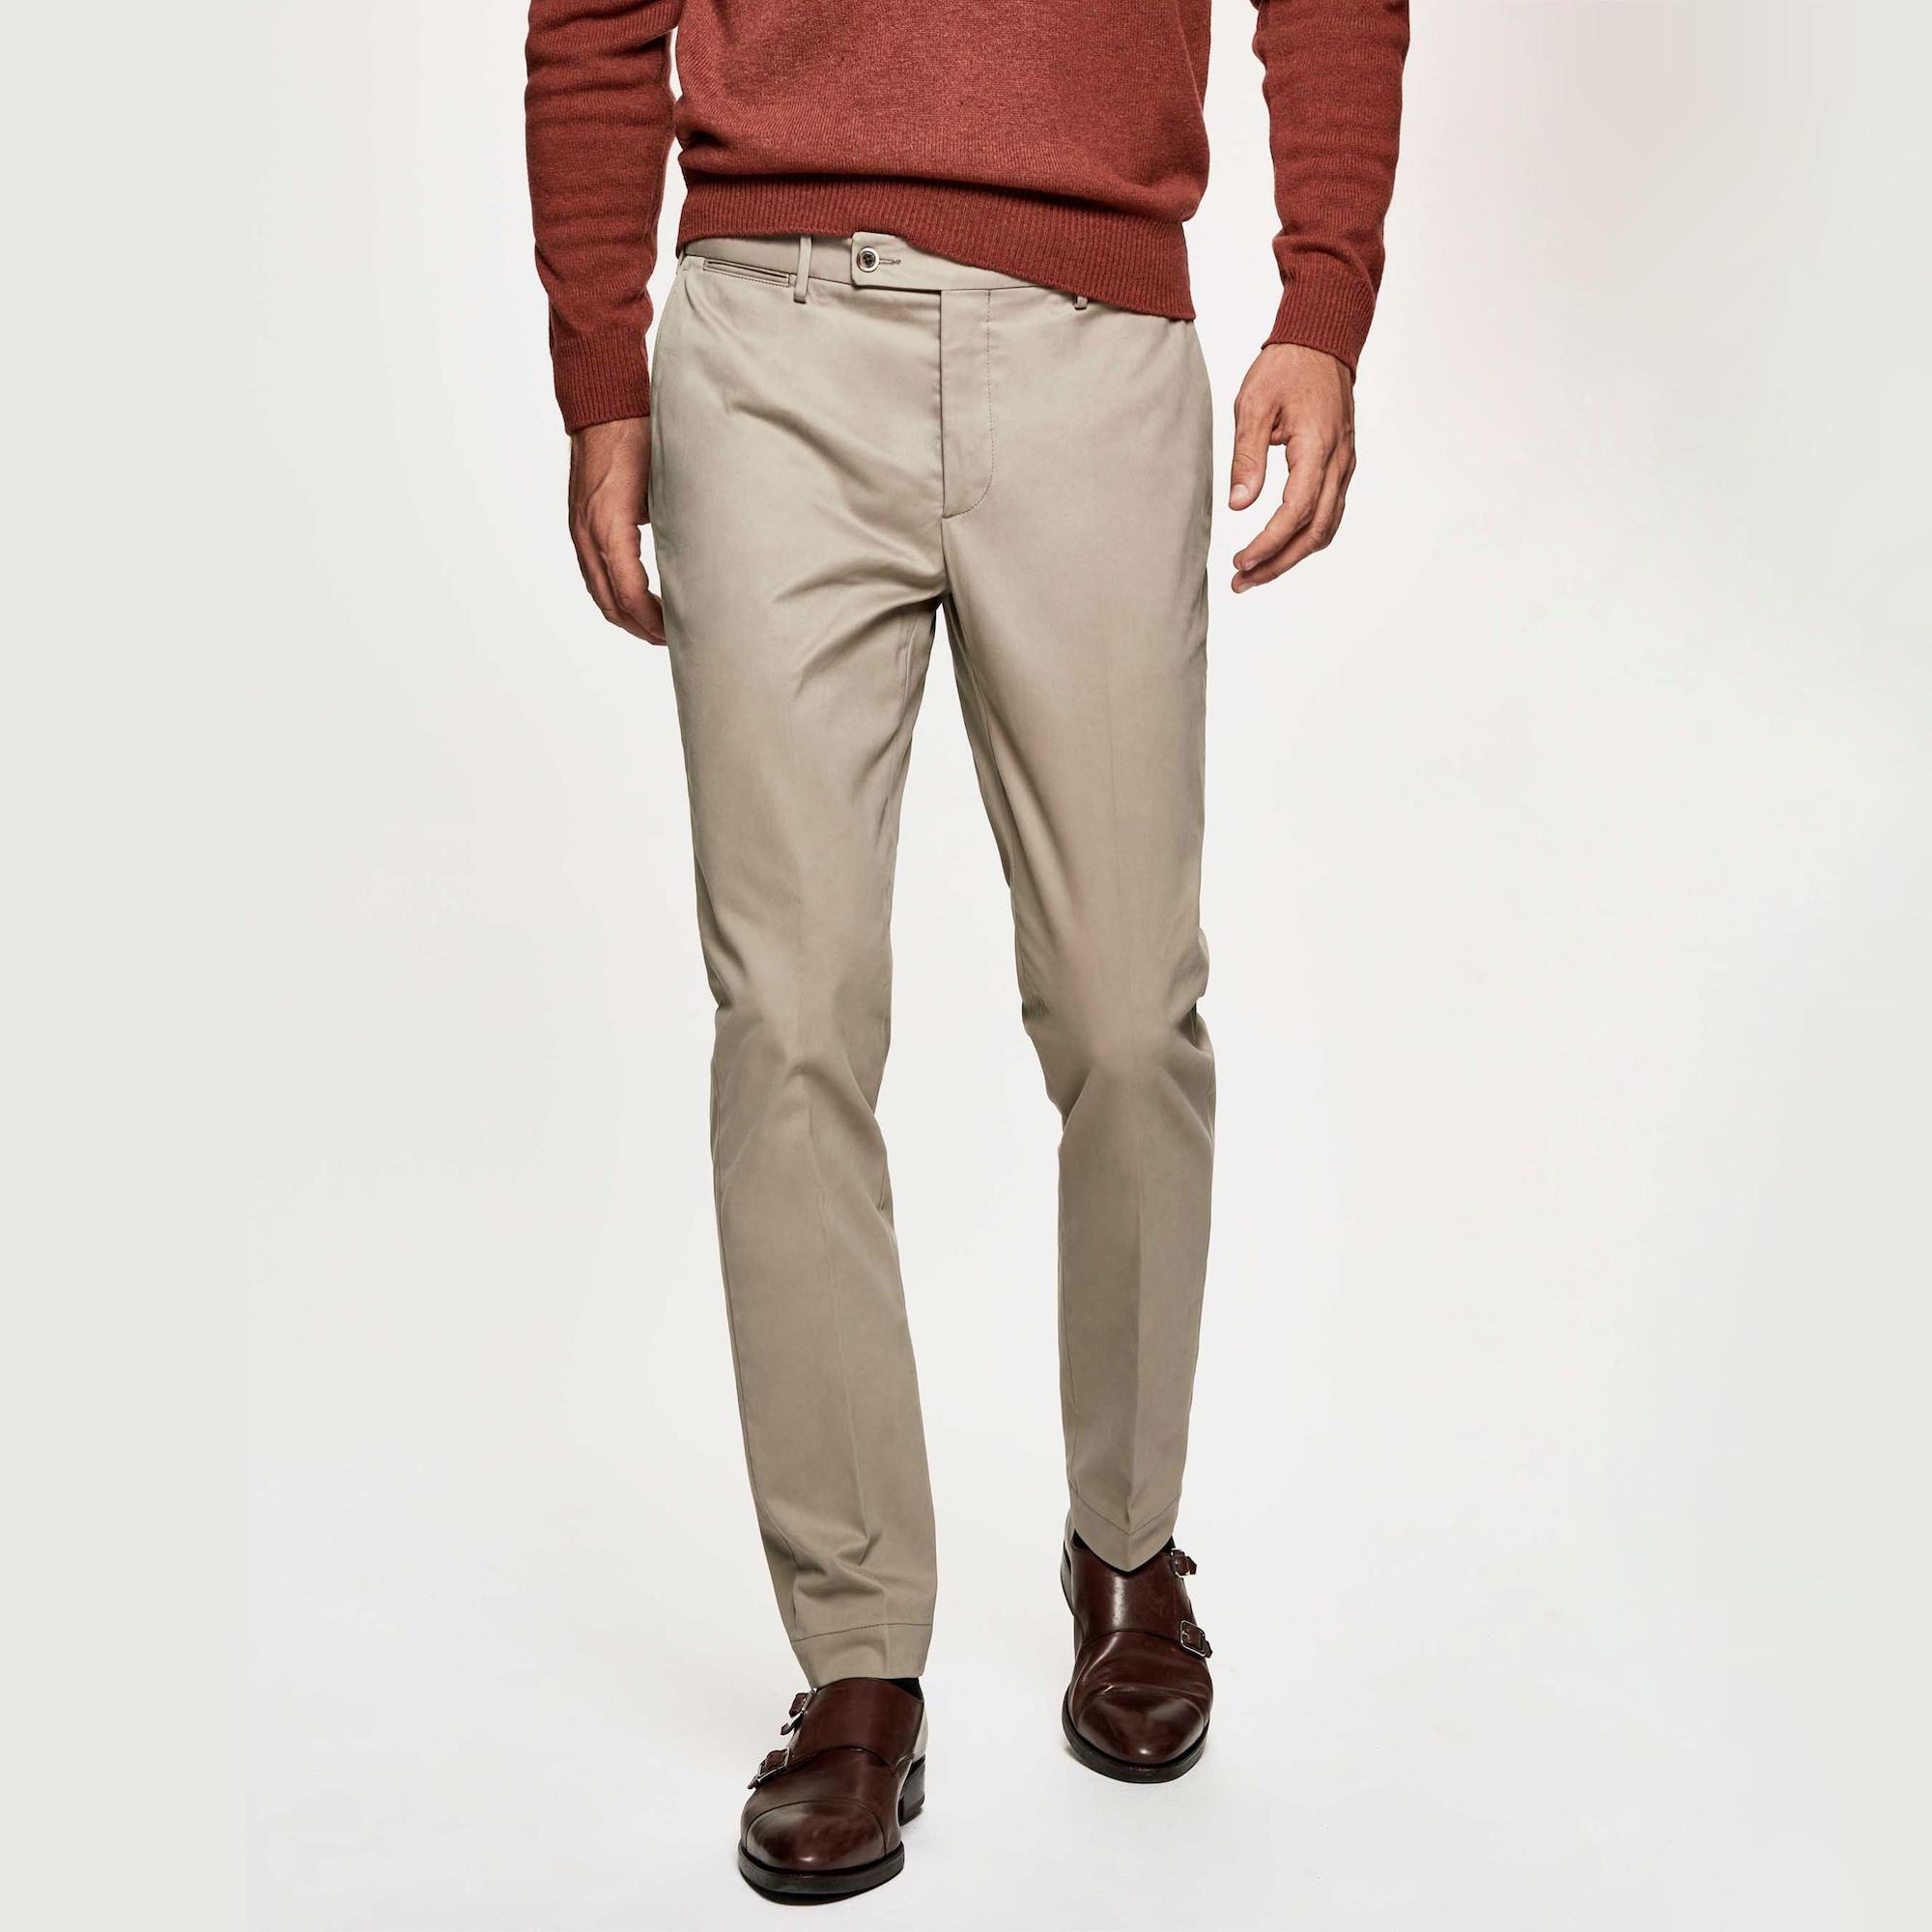 pantalon chino aston martin by hackett